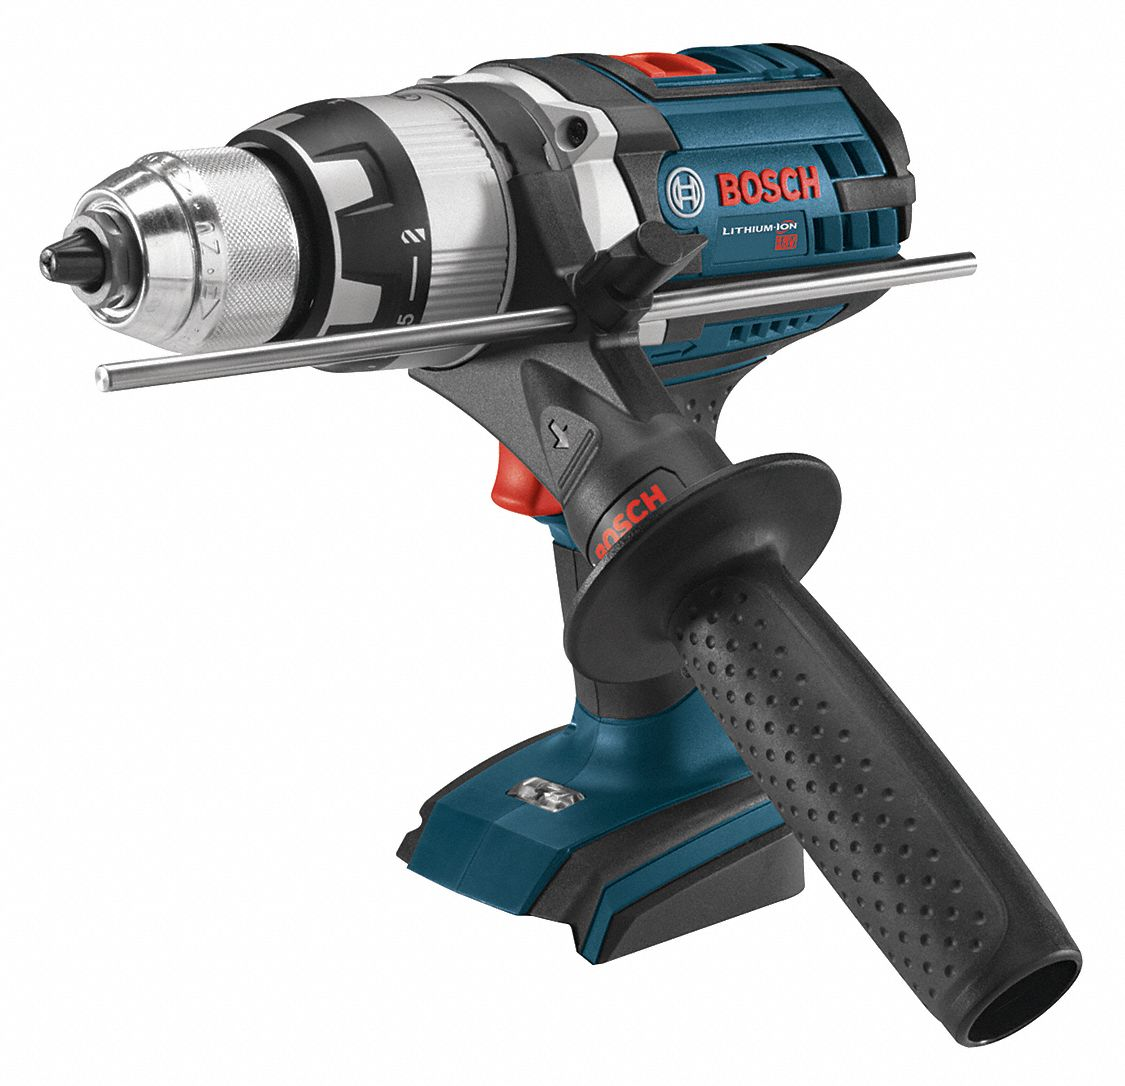 BOSCH Cordless Hammer Drill 750 in lb Torque 35KF72